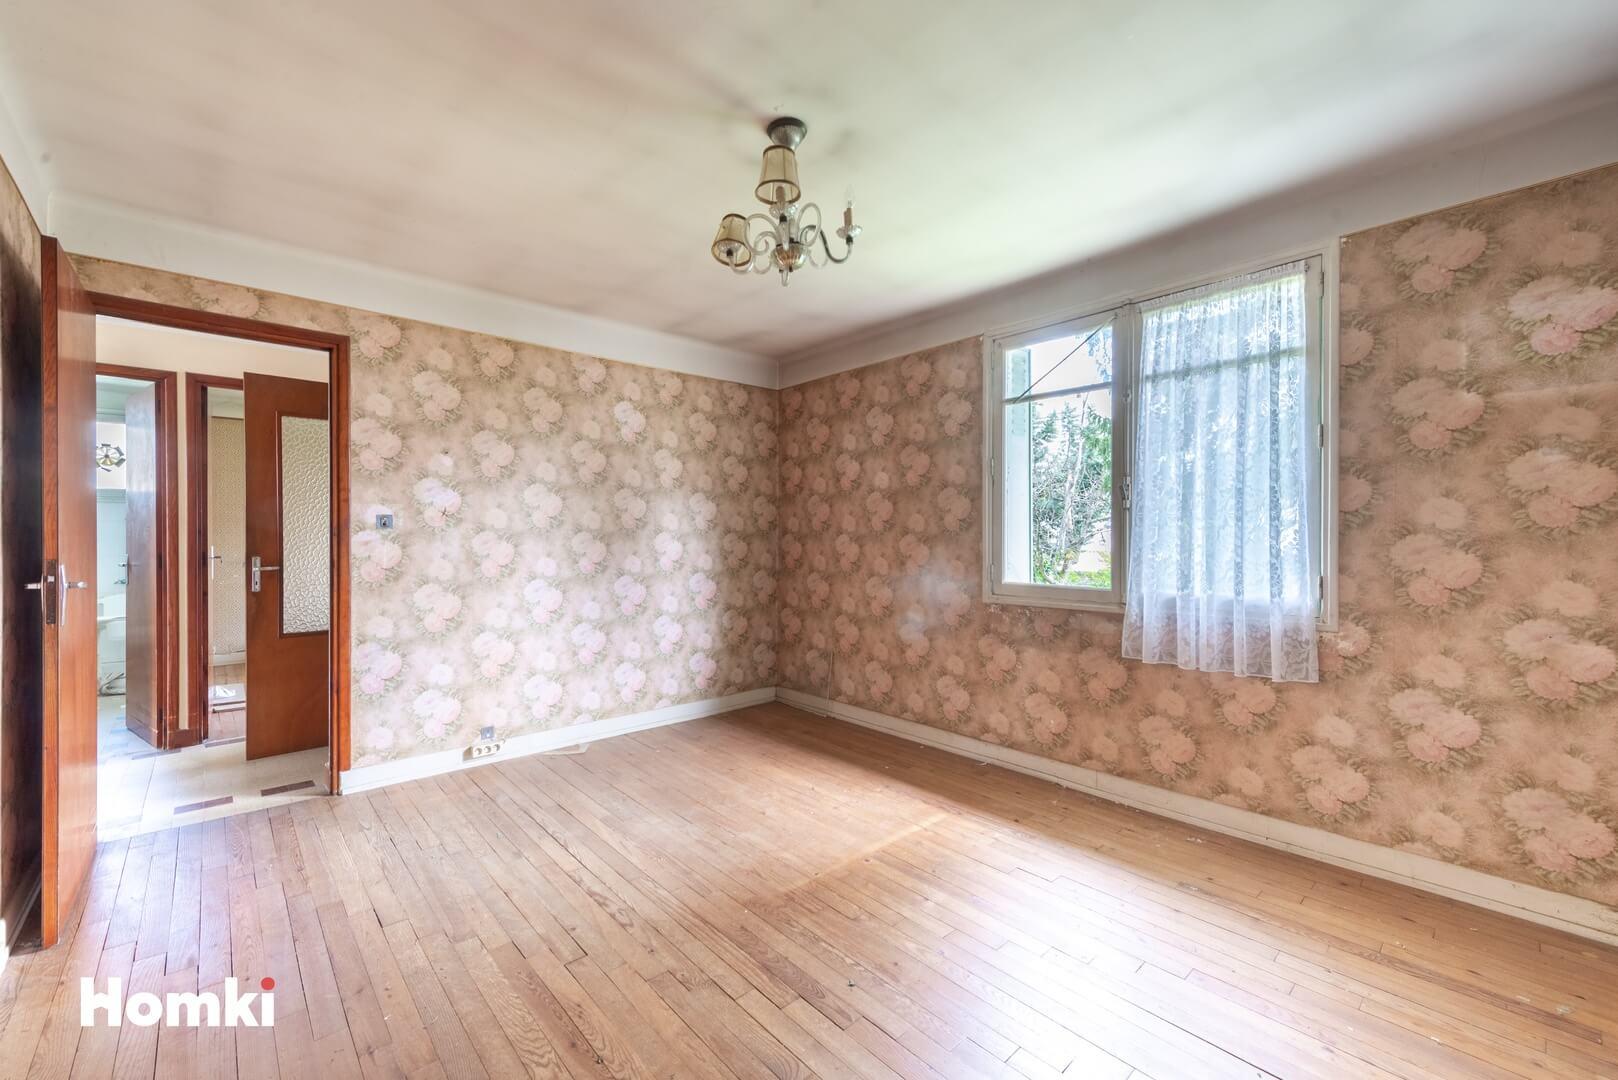 Homki - Vente Maison/villa  de 120.0 m² à Toulouse 31400